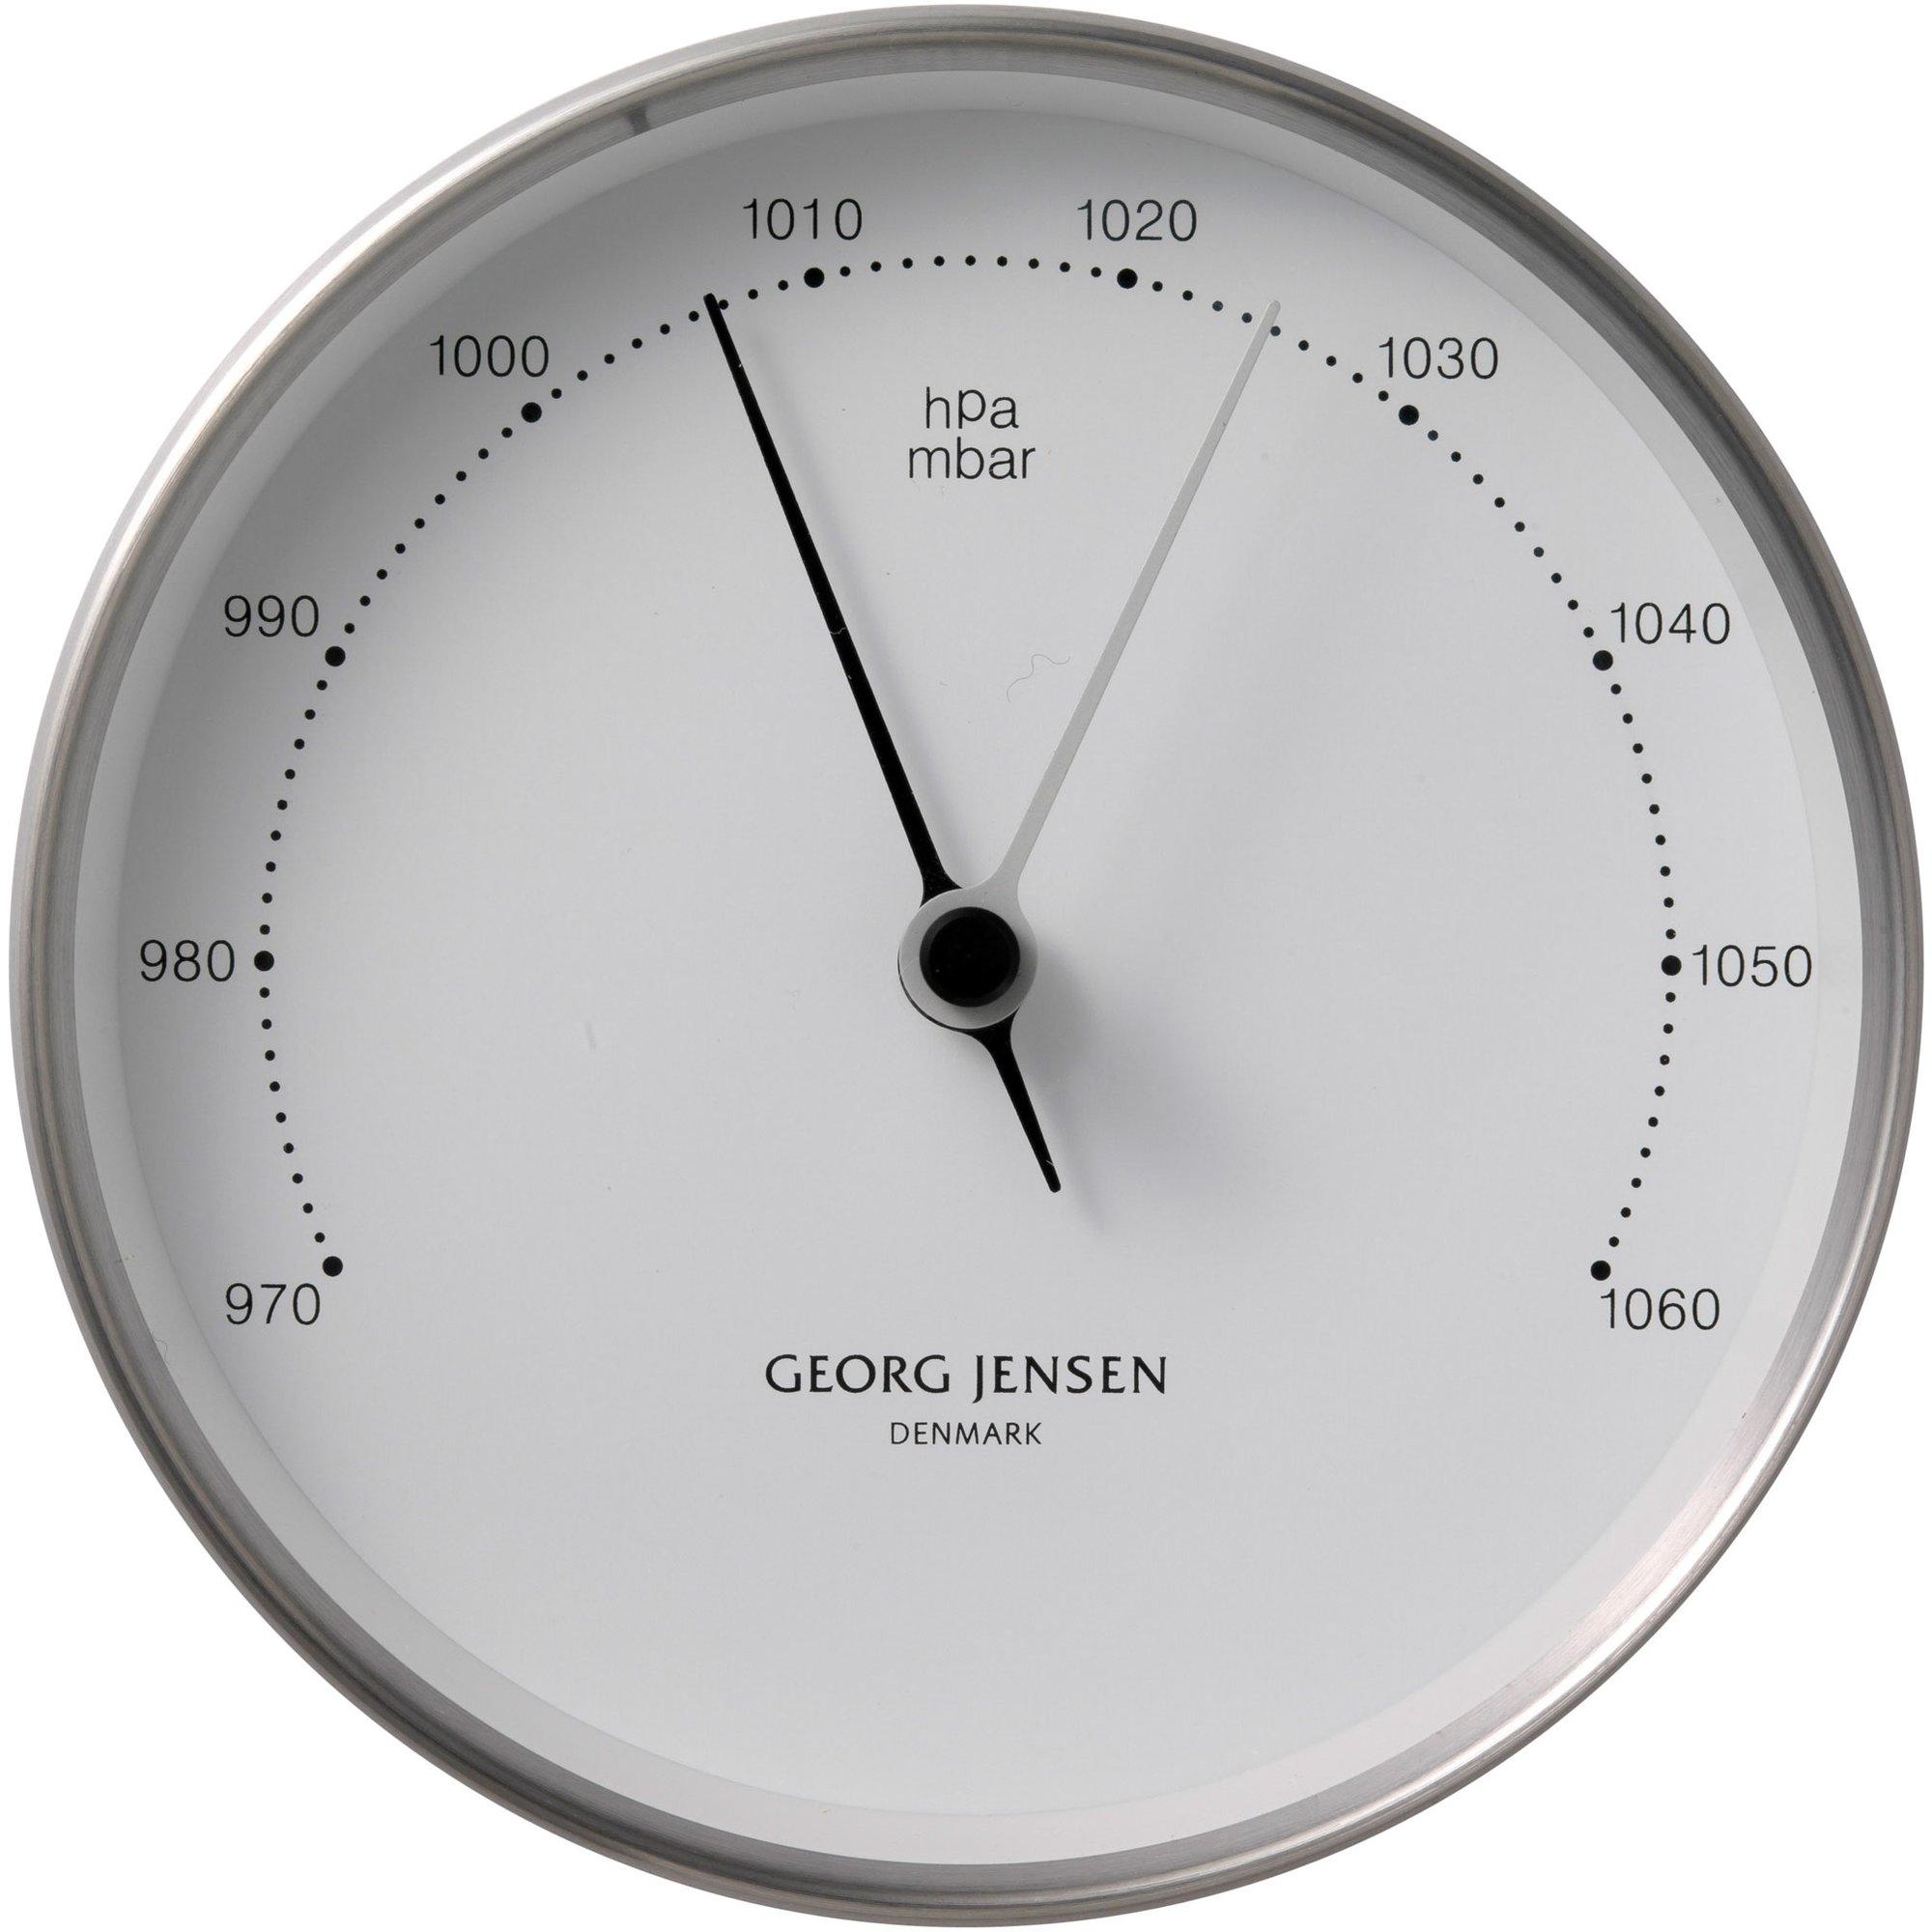 Georg Jensen Henning Koppel barometer